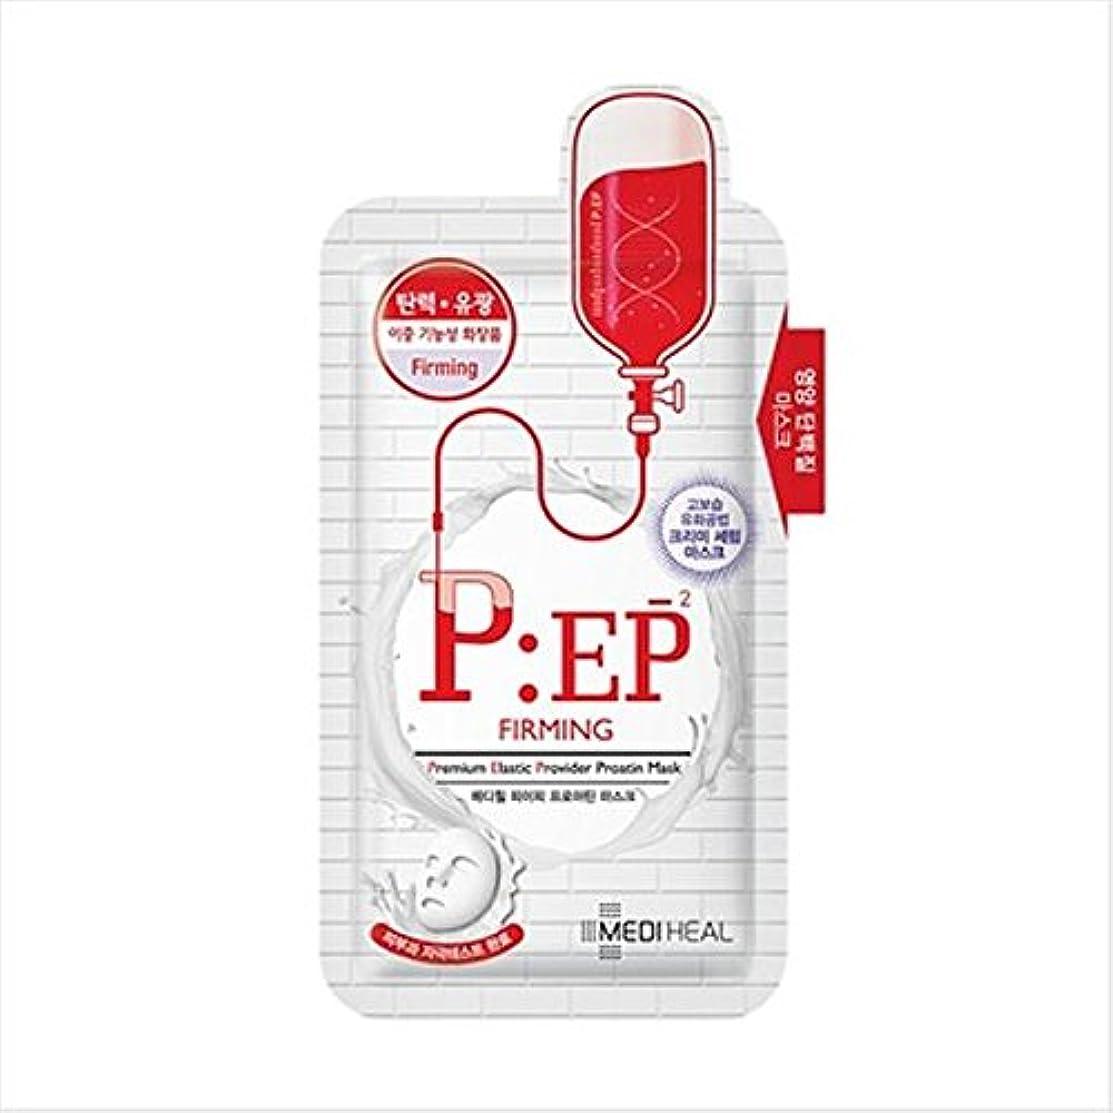 ブロー初期のダイエットMediheal P.E.P メディエアファーミングプロテインマスク(アクアリング)25 g x 10枚[並行輸入品]